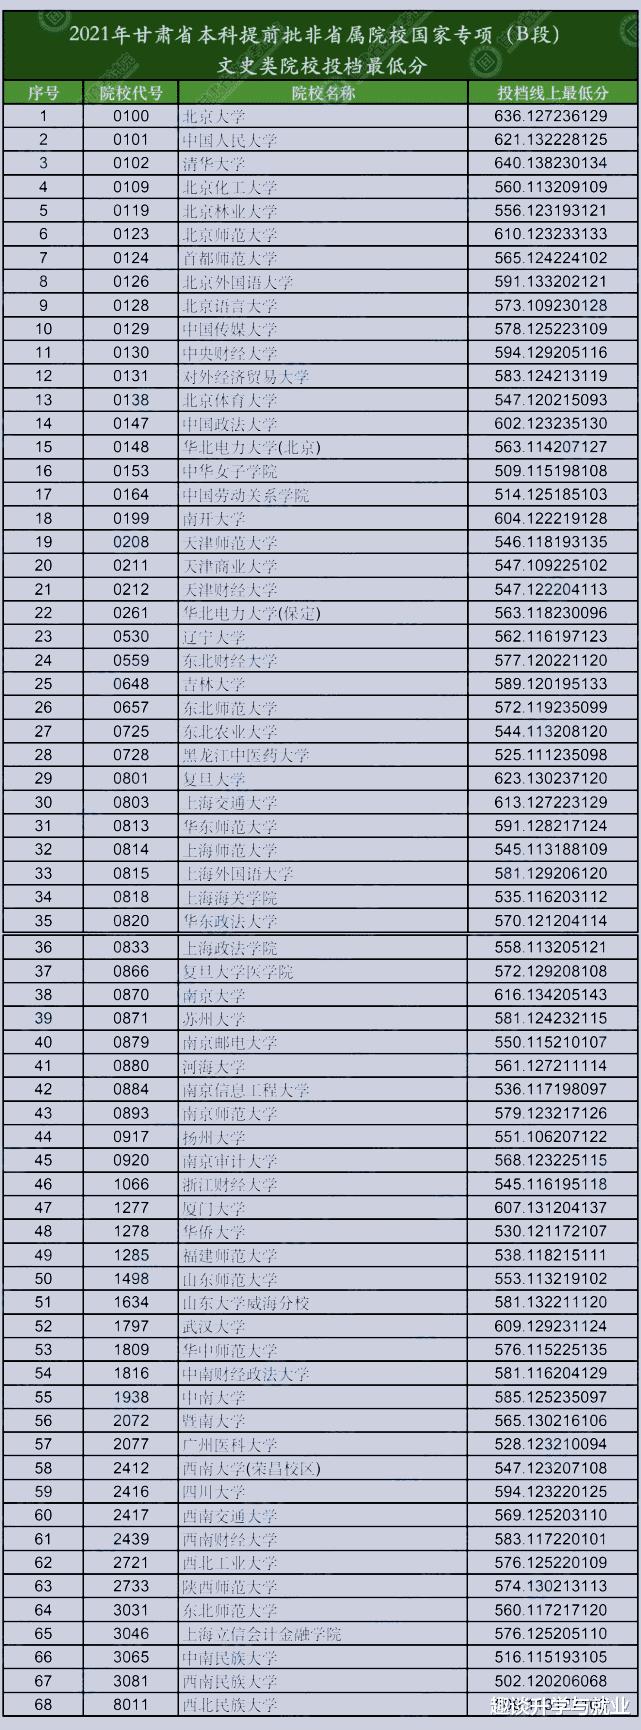 2021甘肃高考提前批分数线出炉:兰州大学562分,489分考生捡漏中山大学